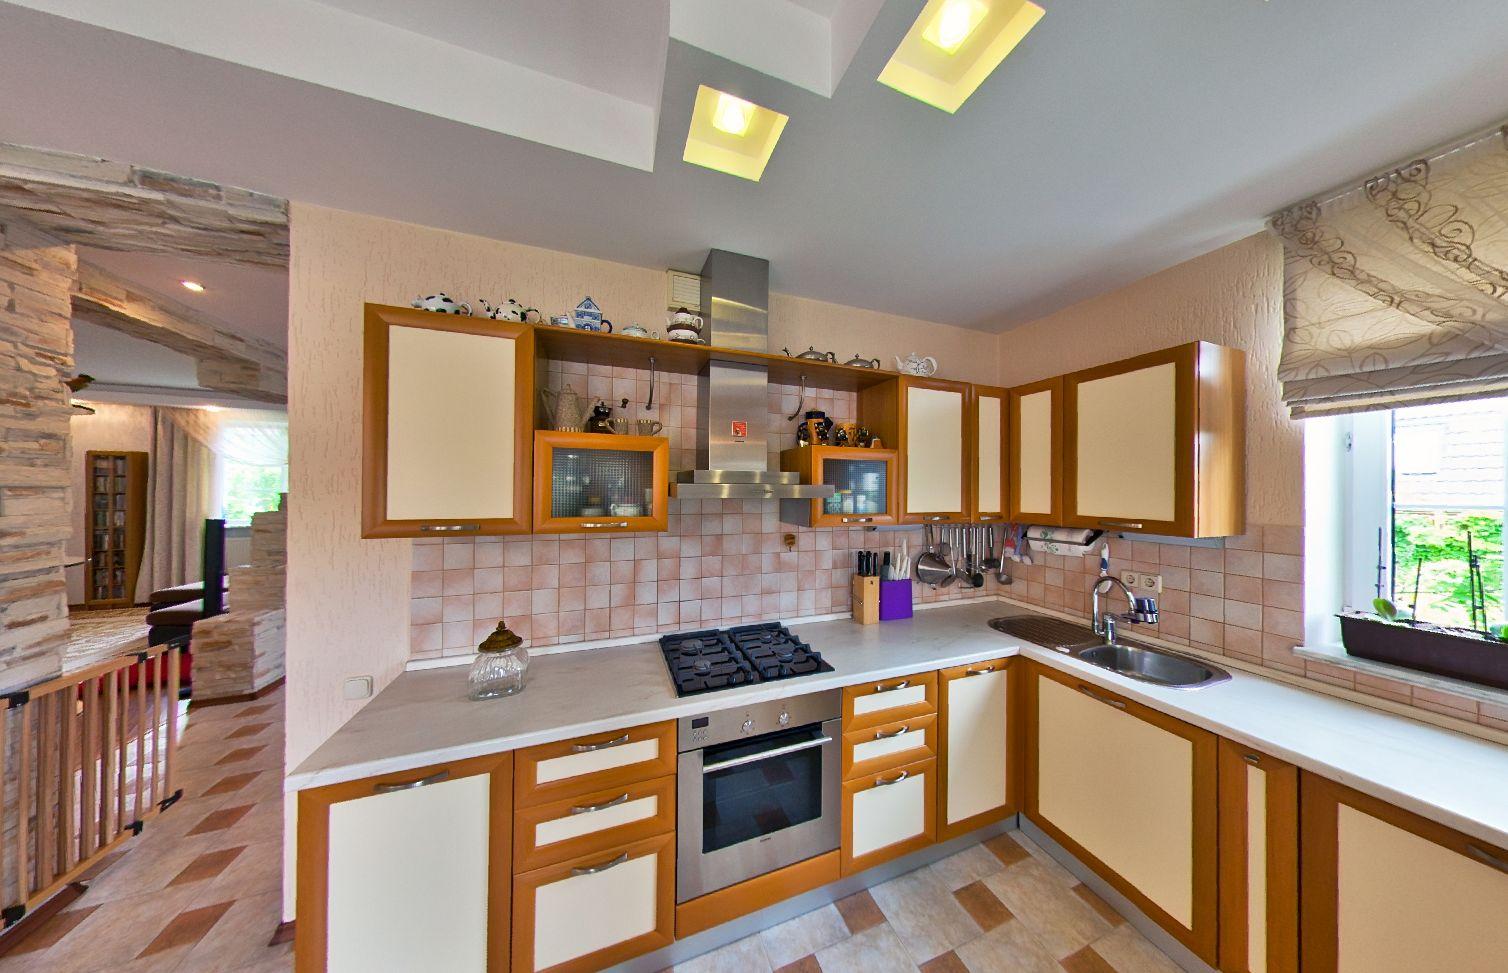 Купить дом в Анапе - кухня 512